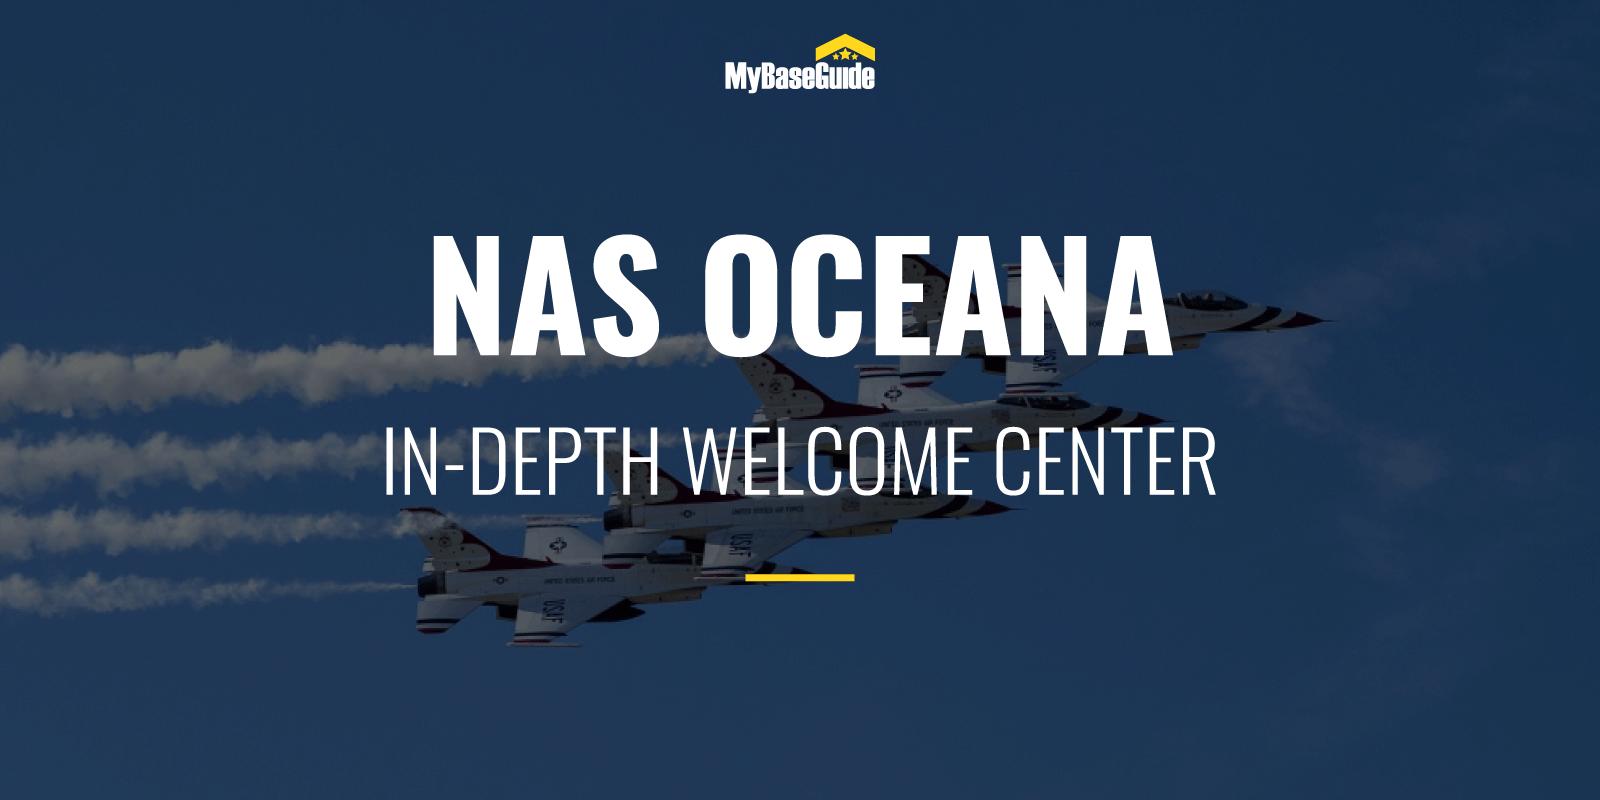 NAS Oceana: In-Depth Welcome Center